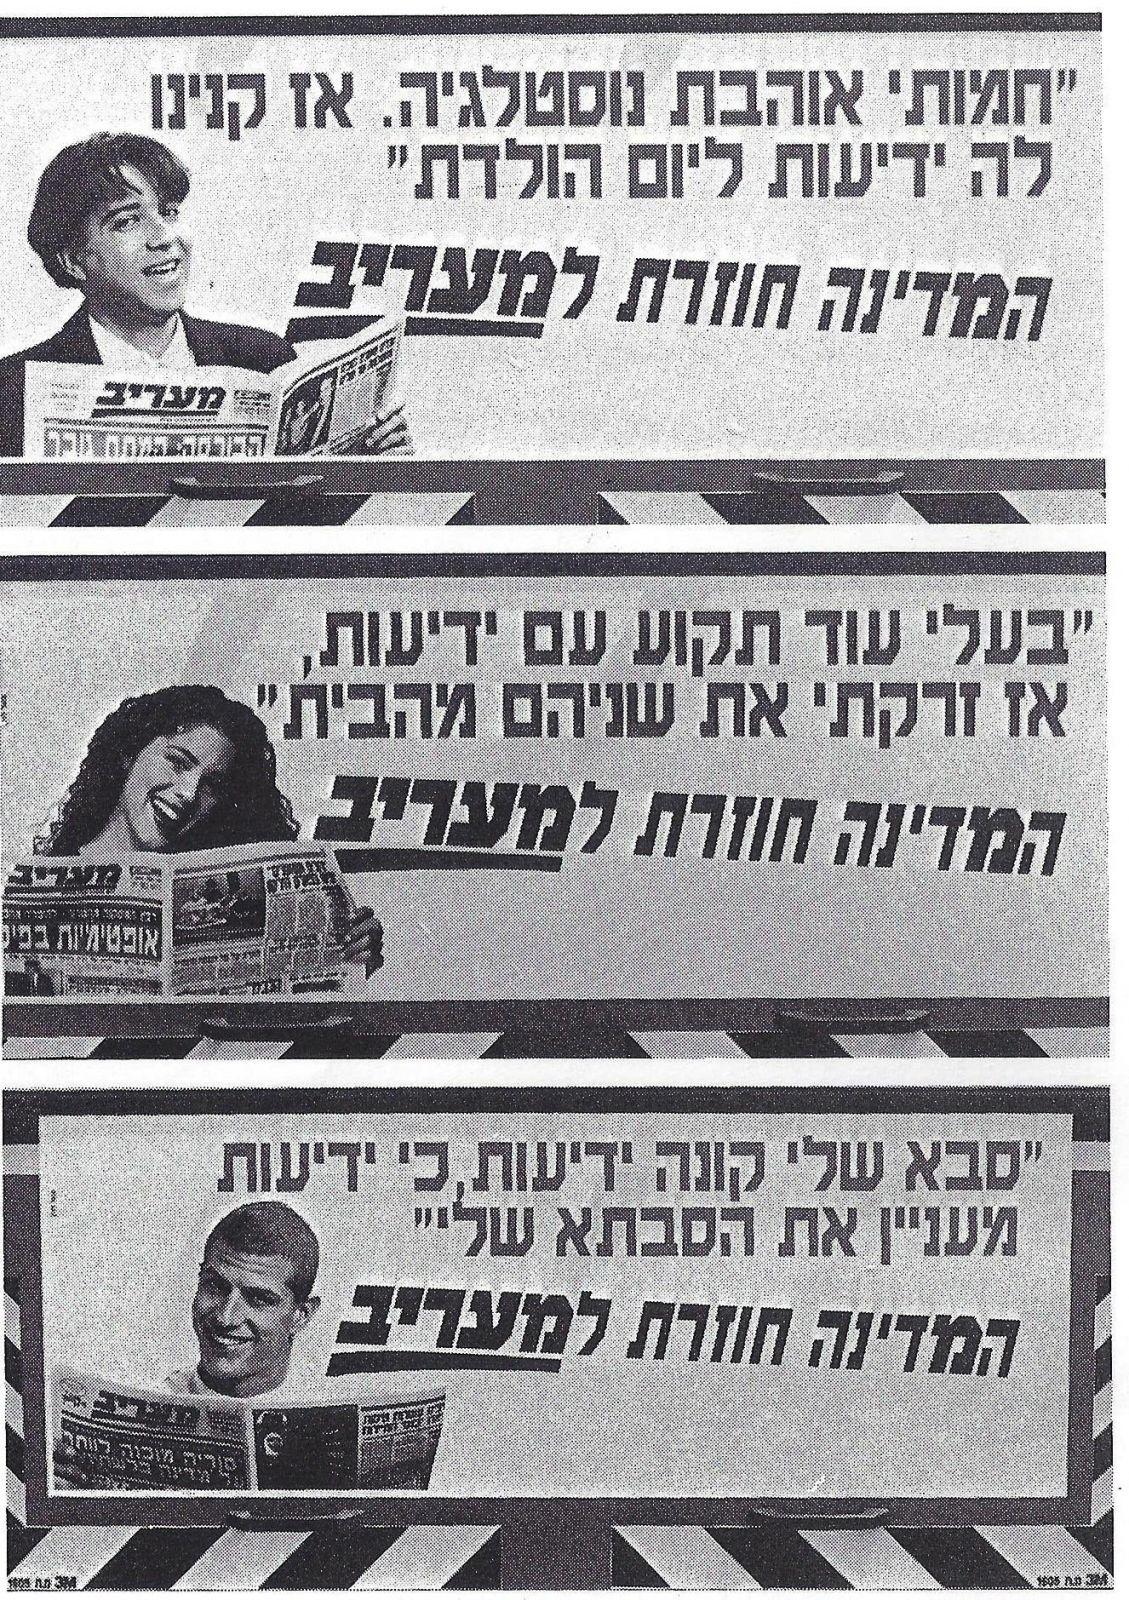 """""""המדינה חוזרת ל'מעריב'"""", פרסומת עצמית, 1993"""